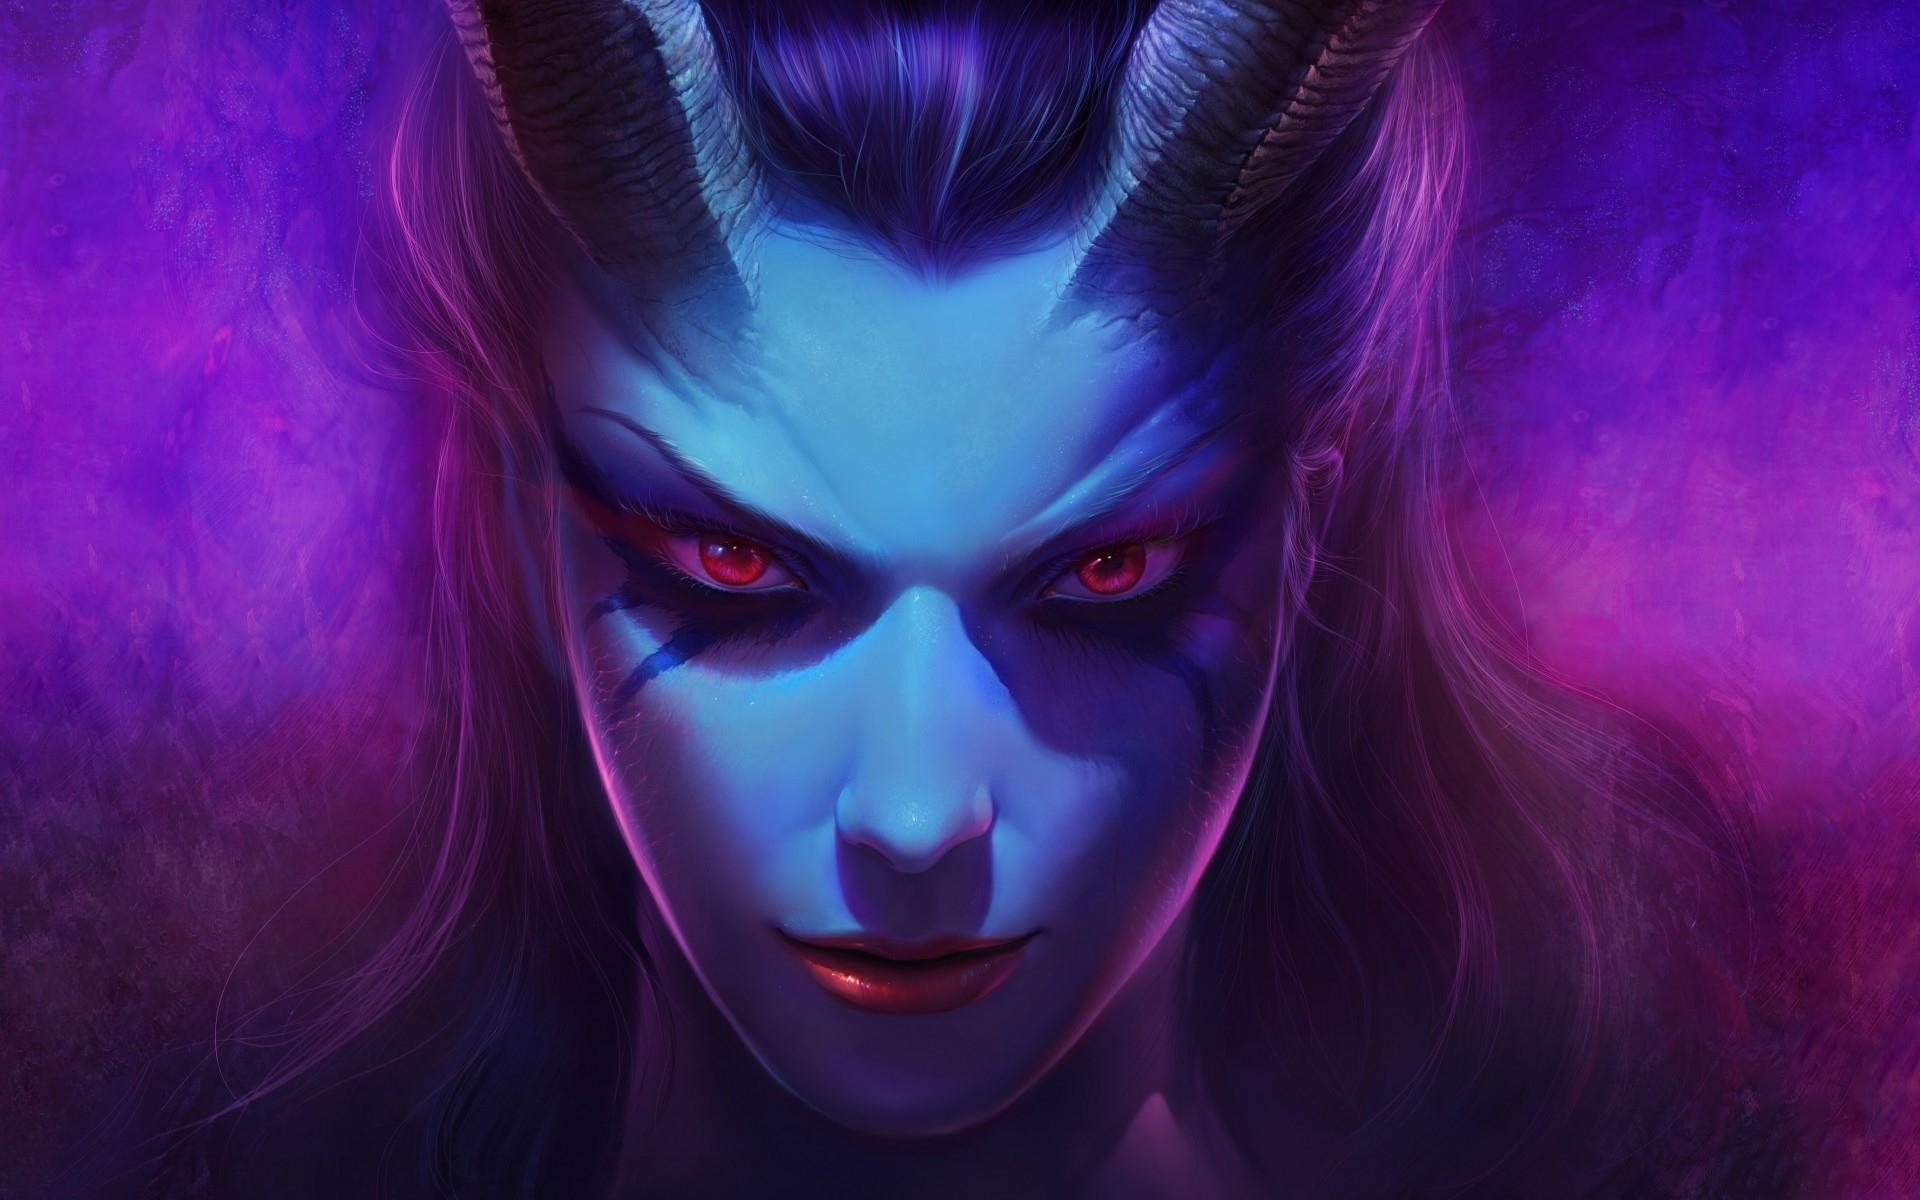 Female Demon Wallpaper 12480